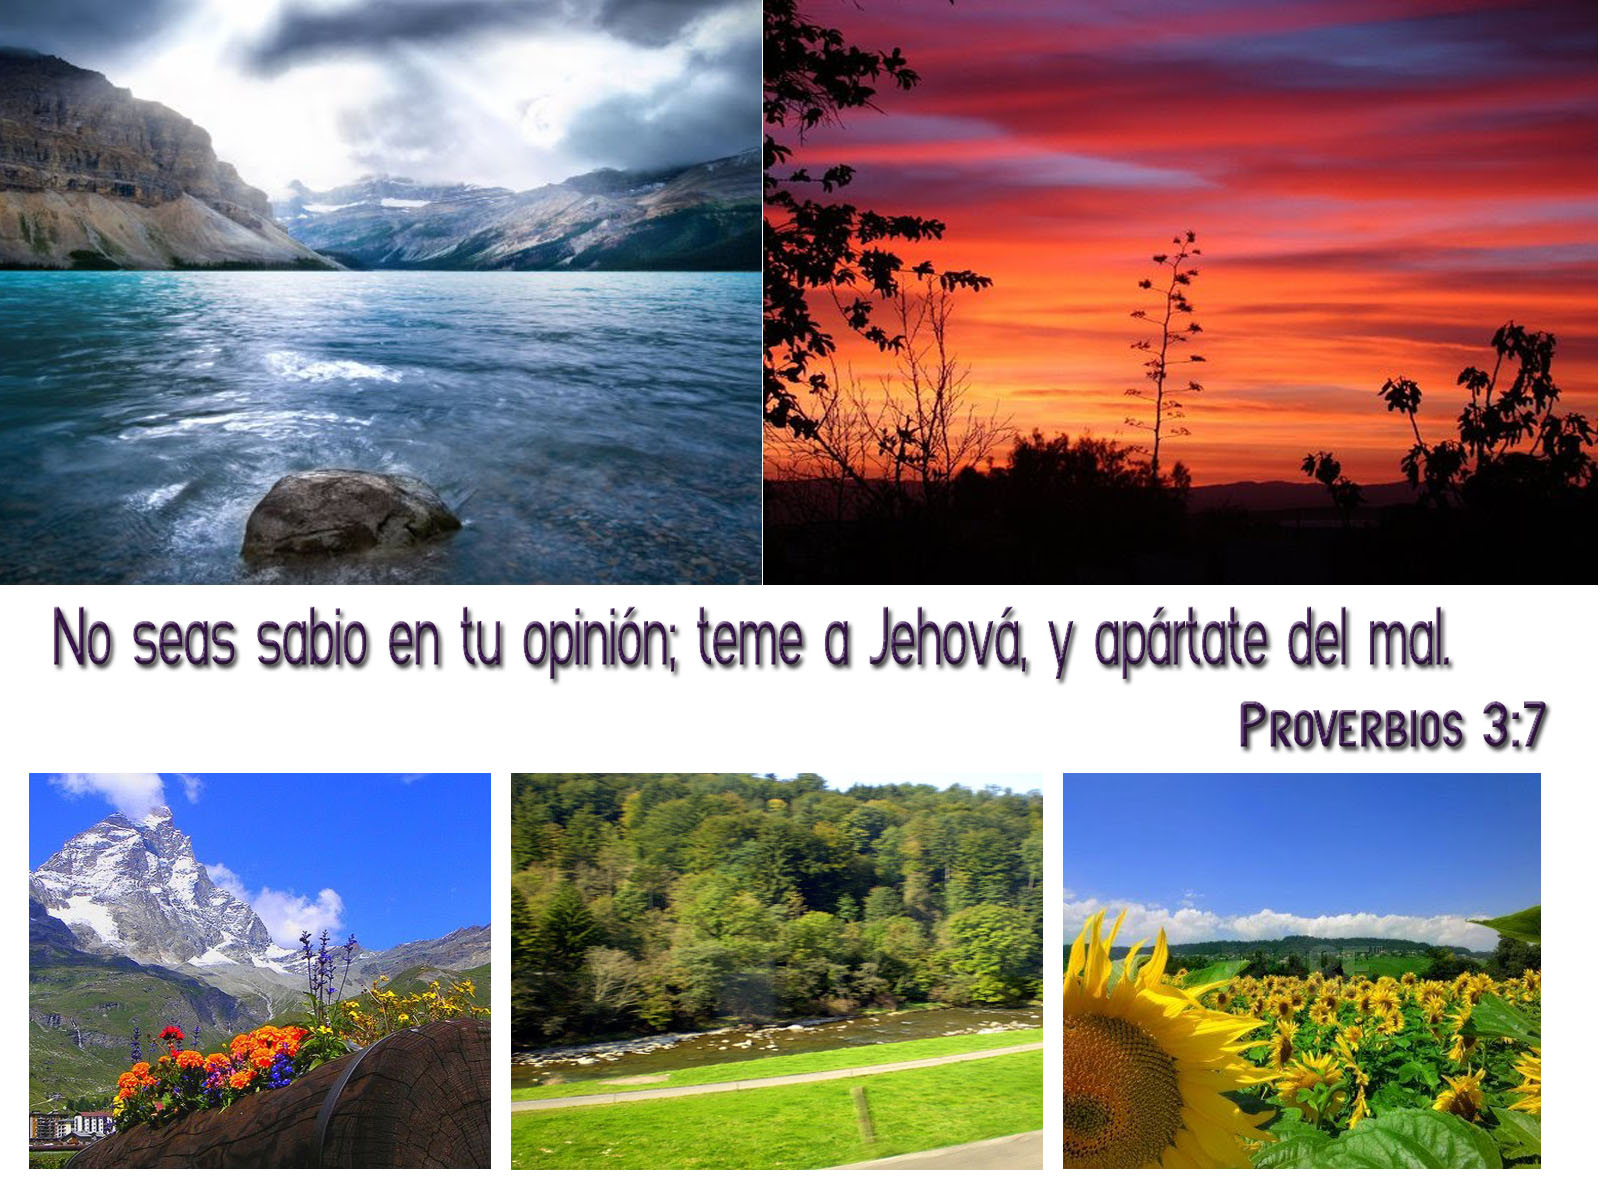 http://2.bp.blogspot.com/_4HGw-c3Vpm8/S-qwh0sOkoI/AAAAAAAAAAc/saU3KGKjugE/s1600/Proverbios+3-7.jpg